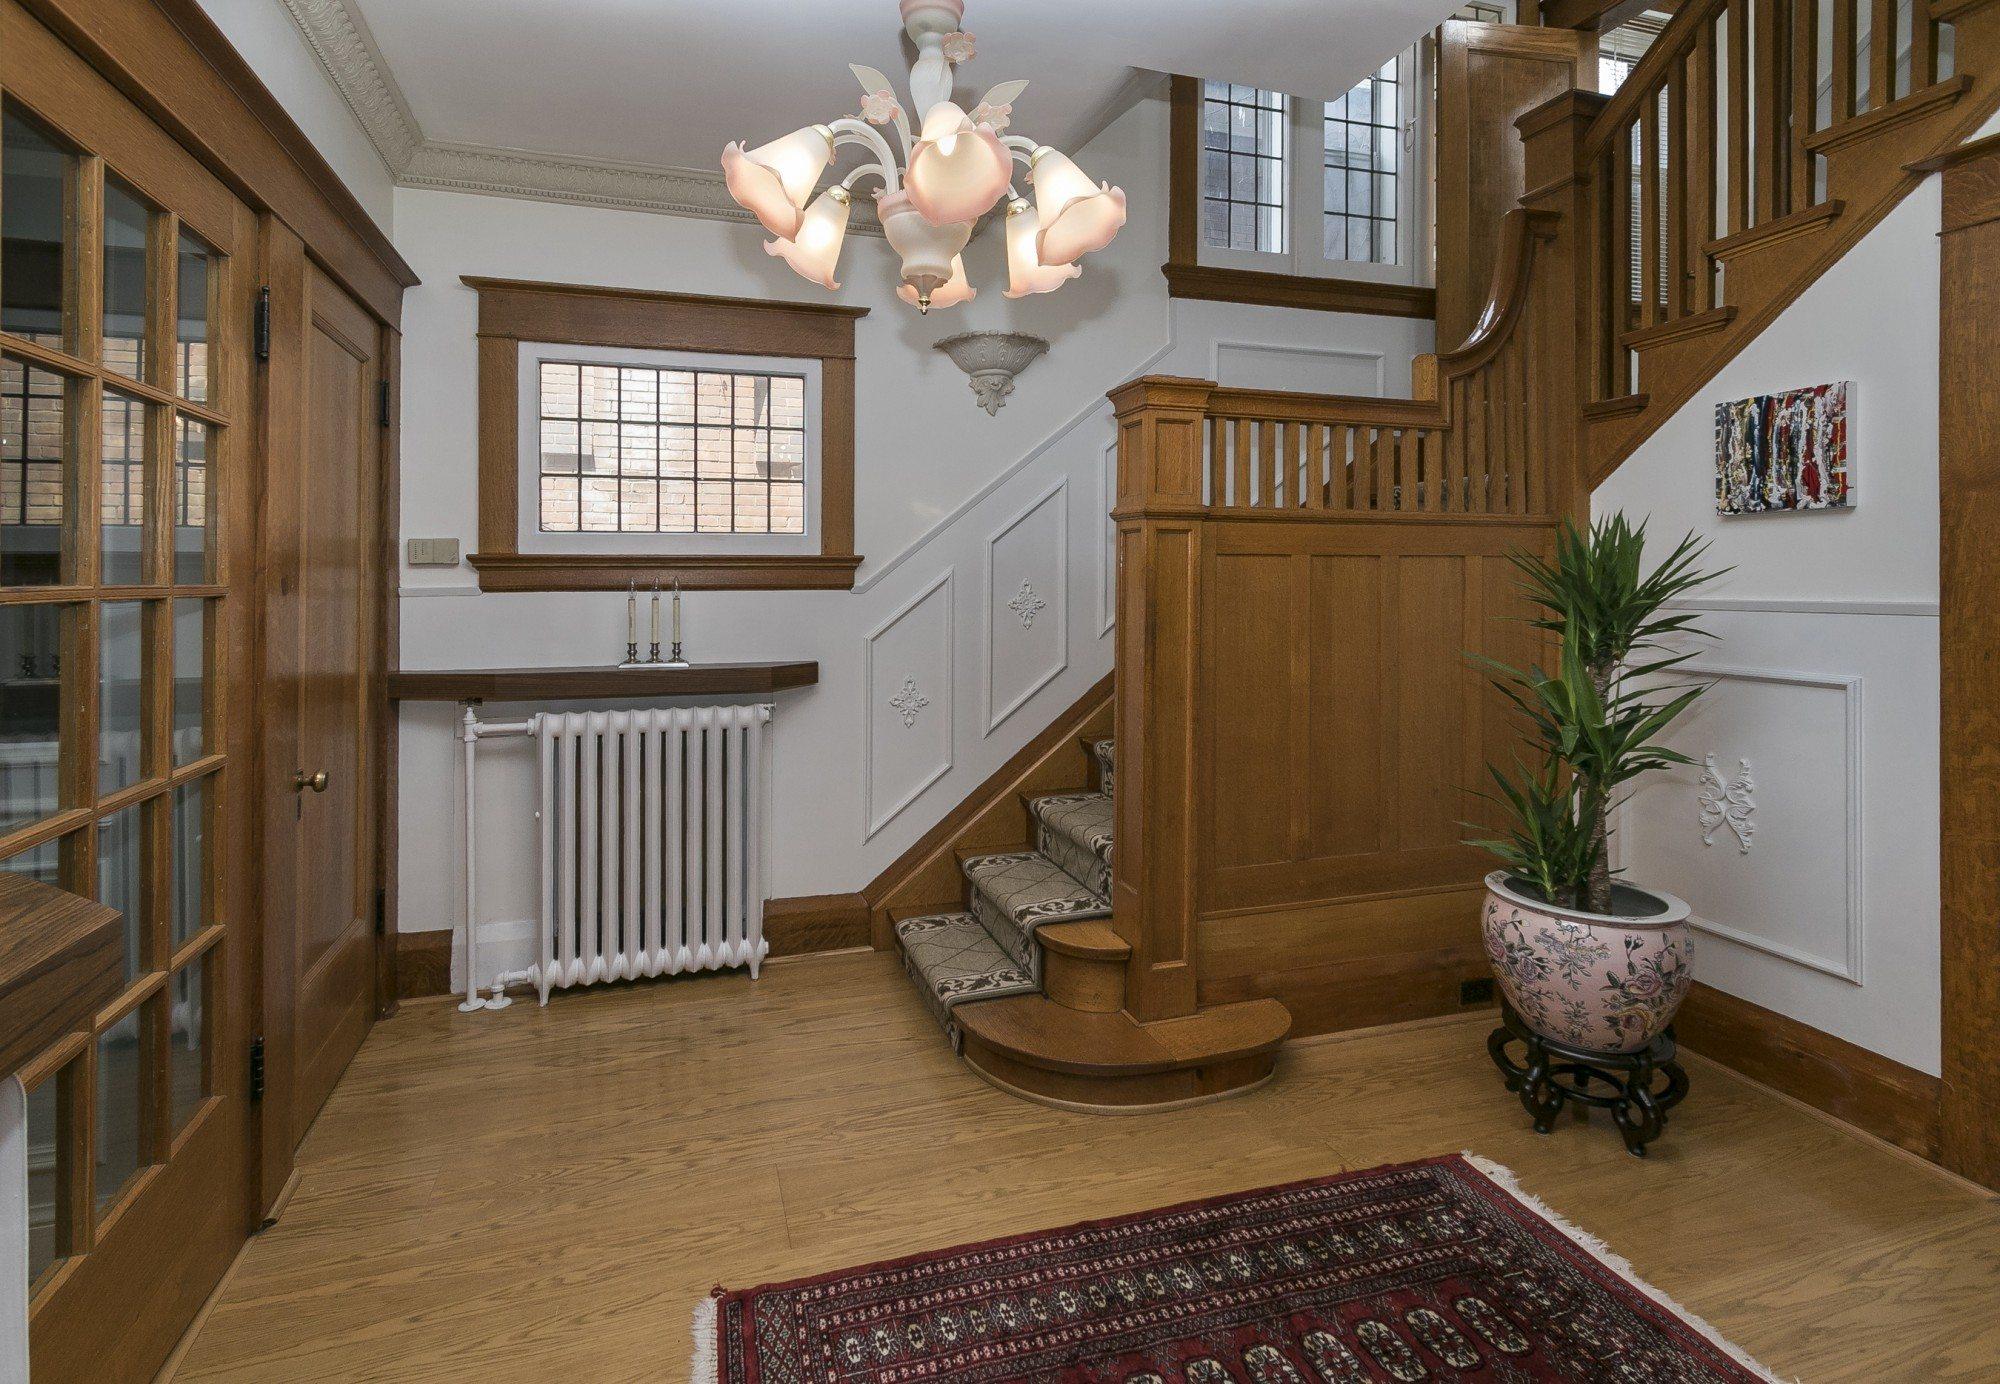 toronto-house-for-sale-15-glenholme-avenue-2